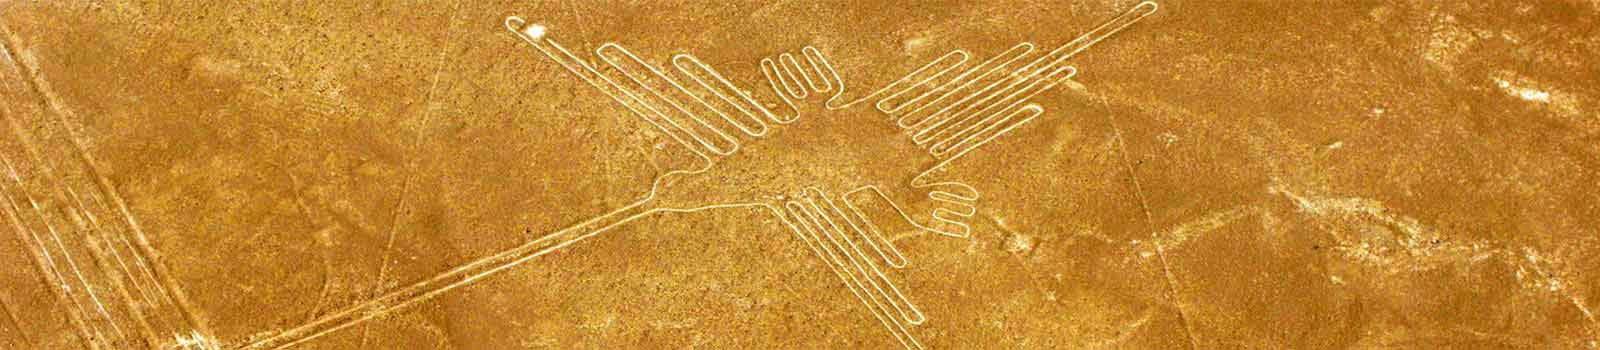 El colibrí, es una de las Líneas de Nazca más iconicas.